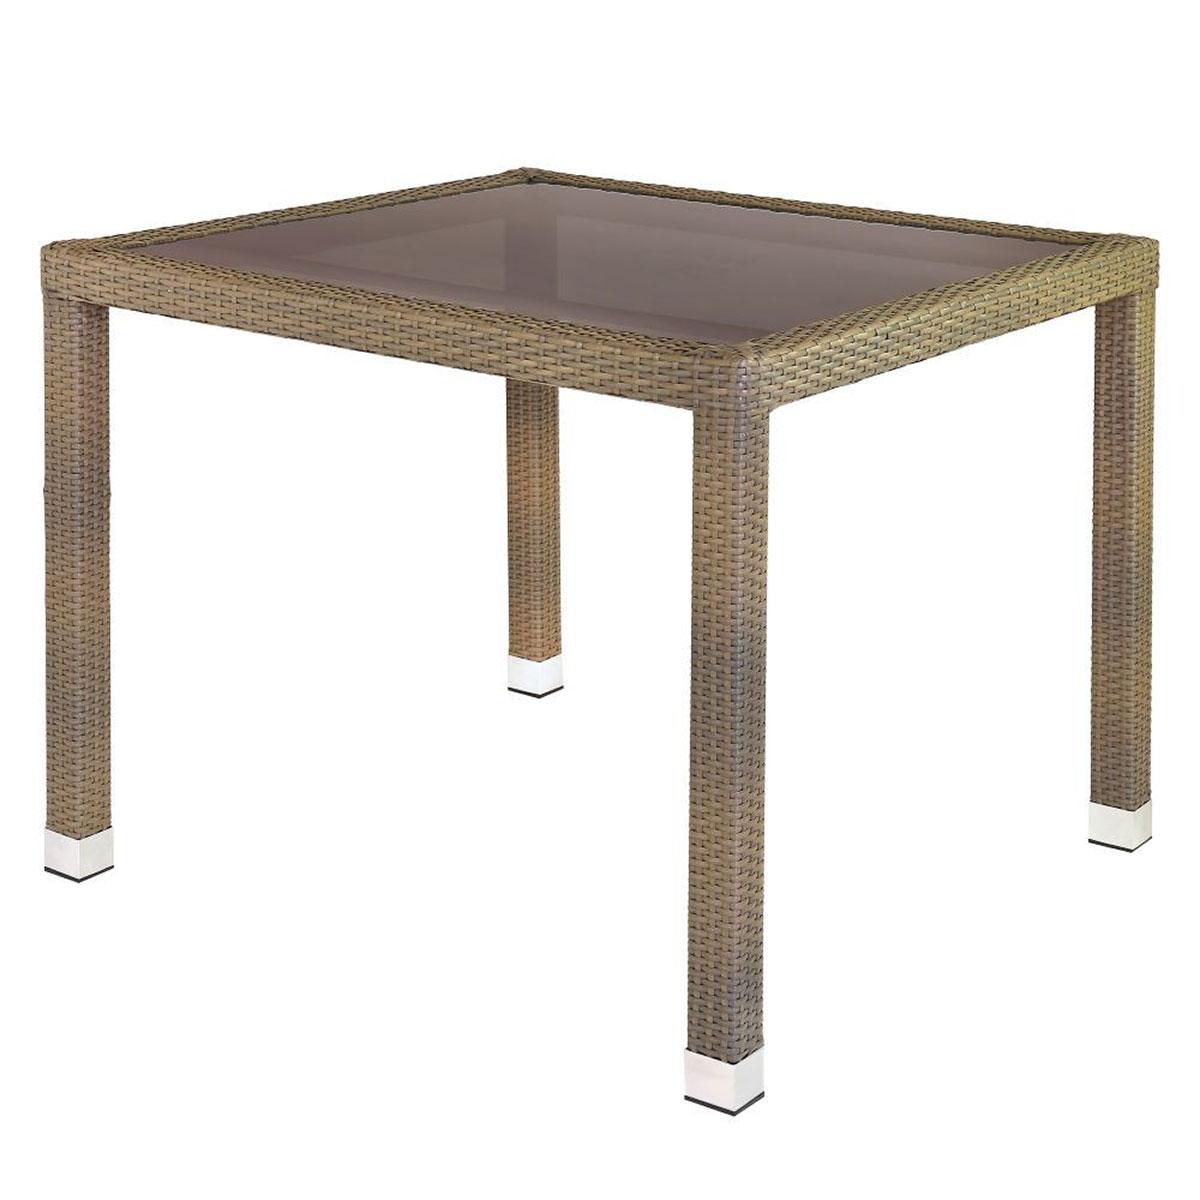 Table de jardin en rotin et verre - Taupe - 90.00 cm x 90.00 cm x 76.00 cm